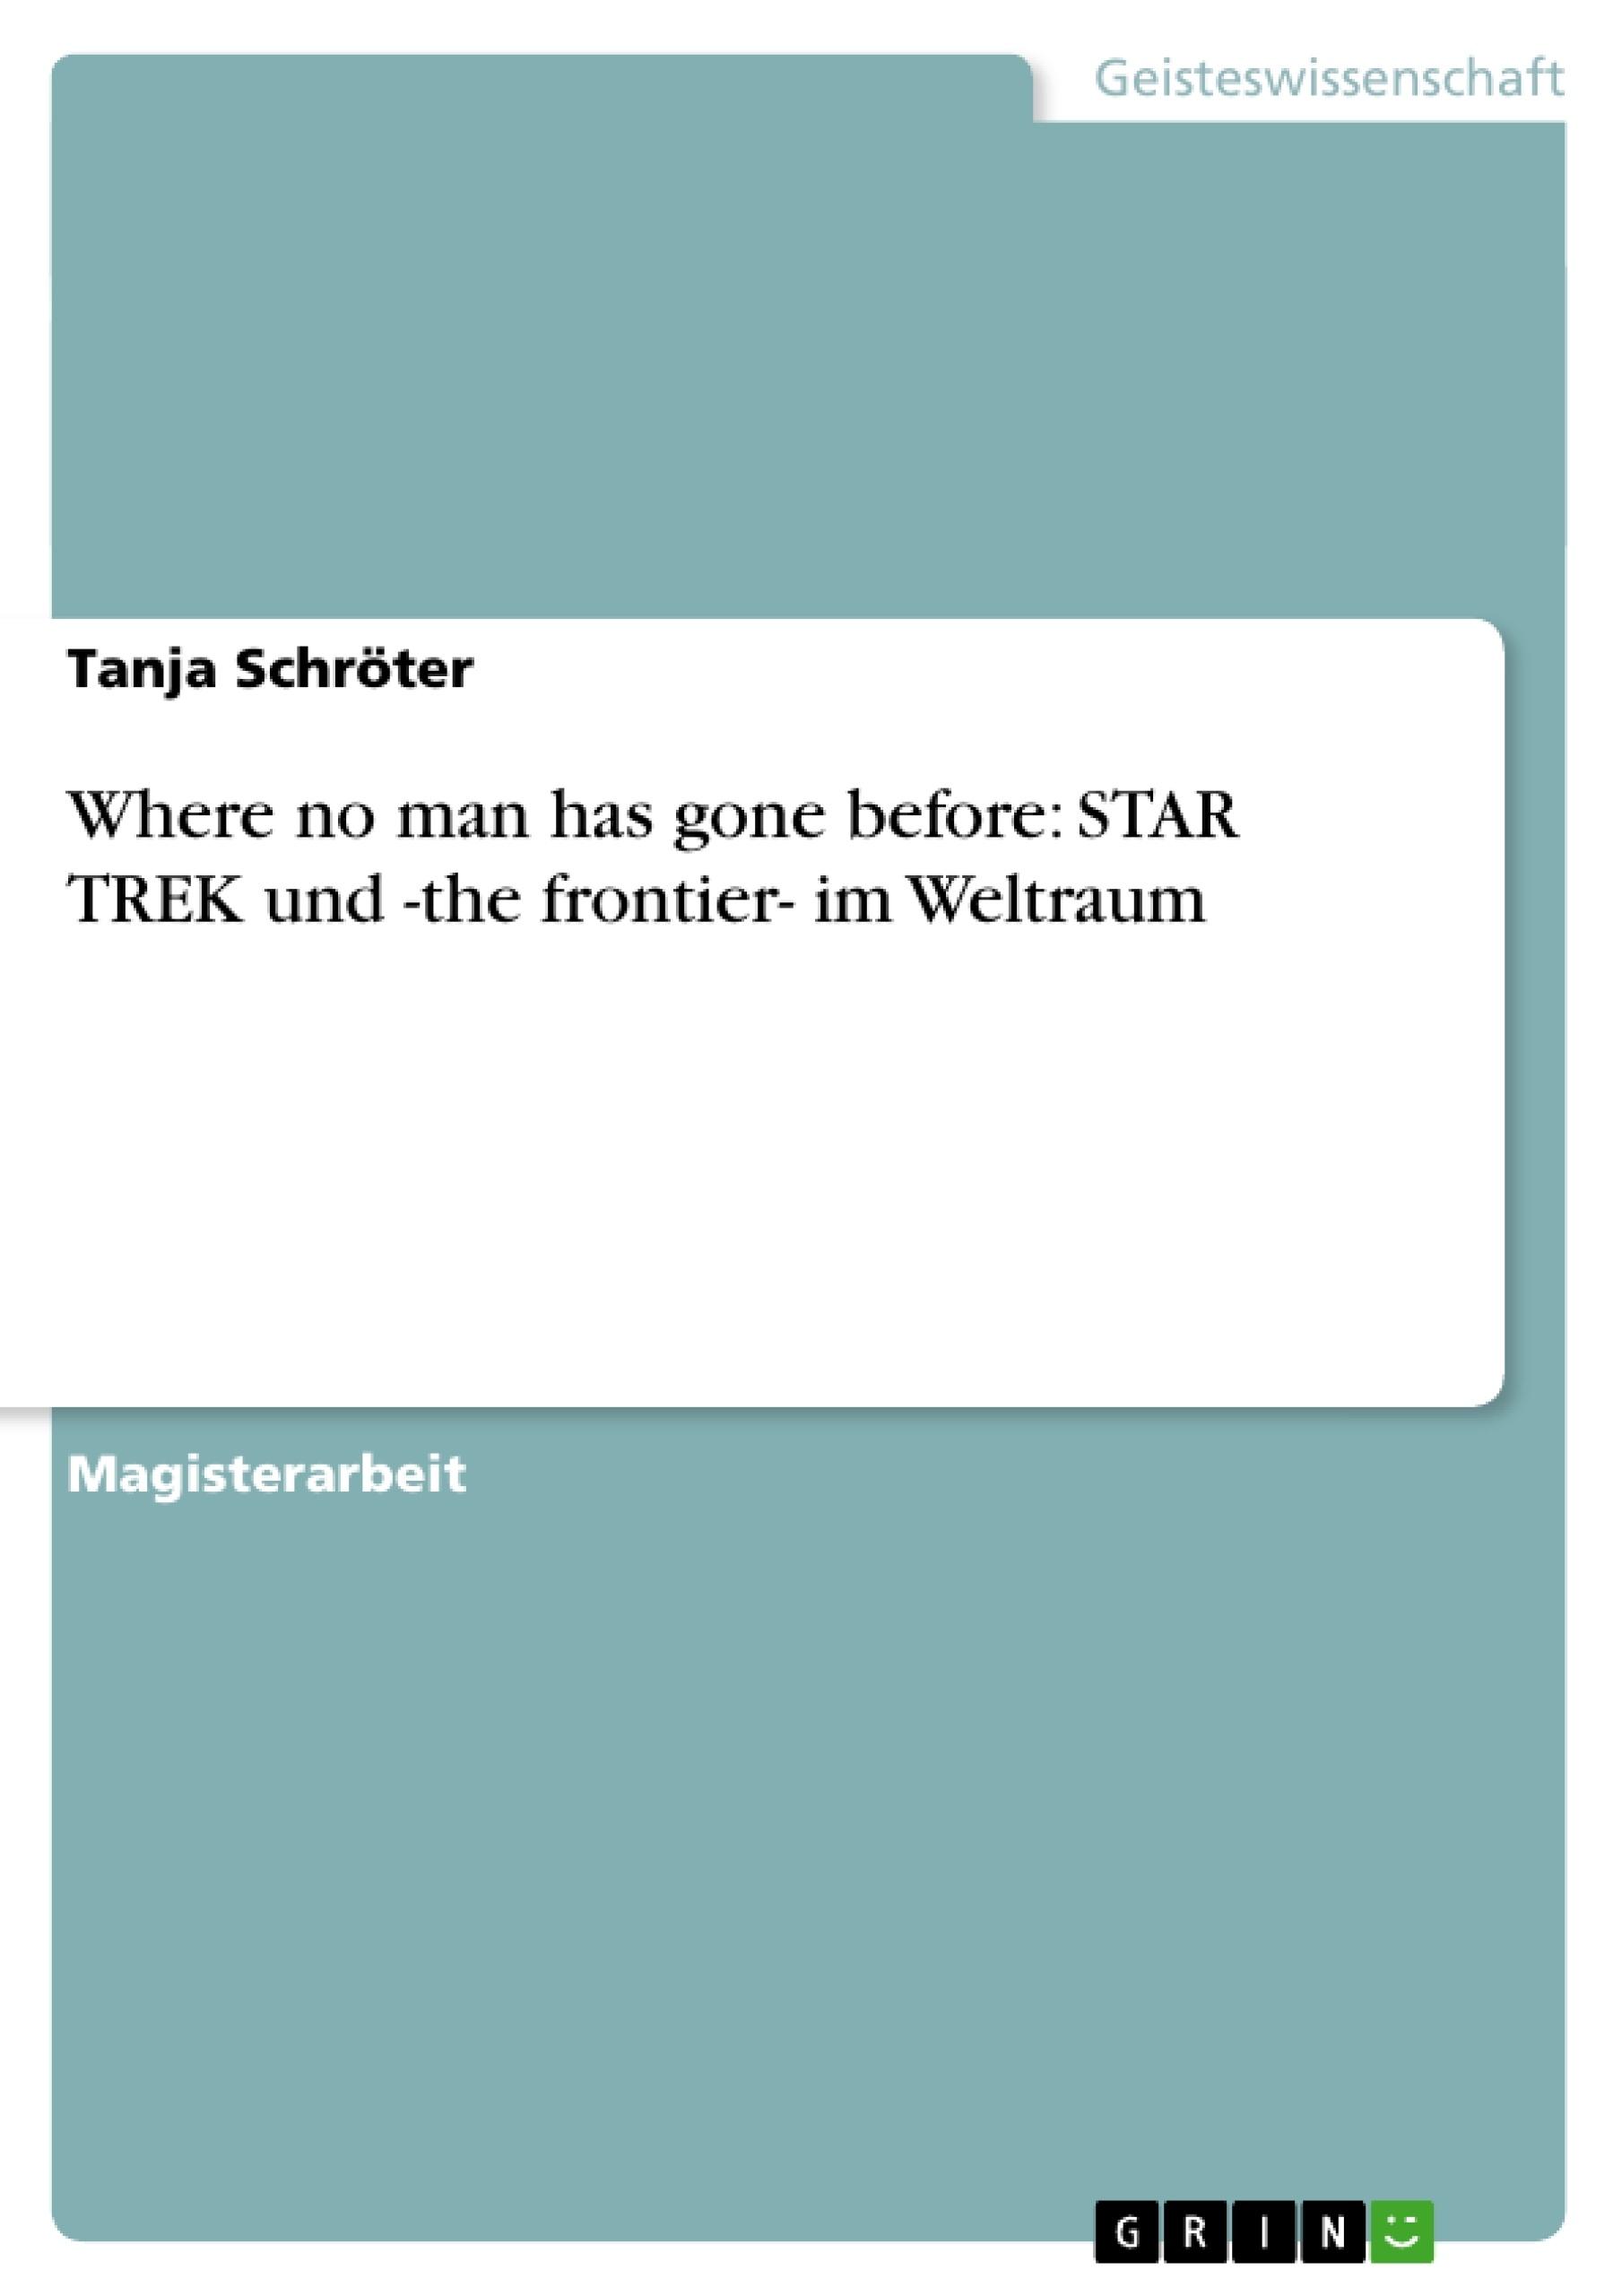 Titel: Where no man has gone before: STAR TREK und -the frontier- im Weltraum